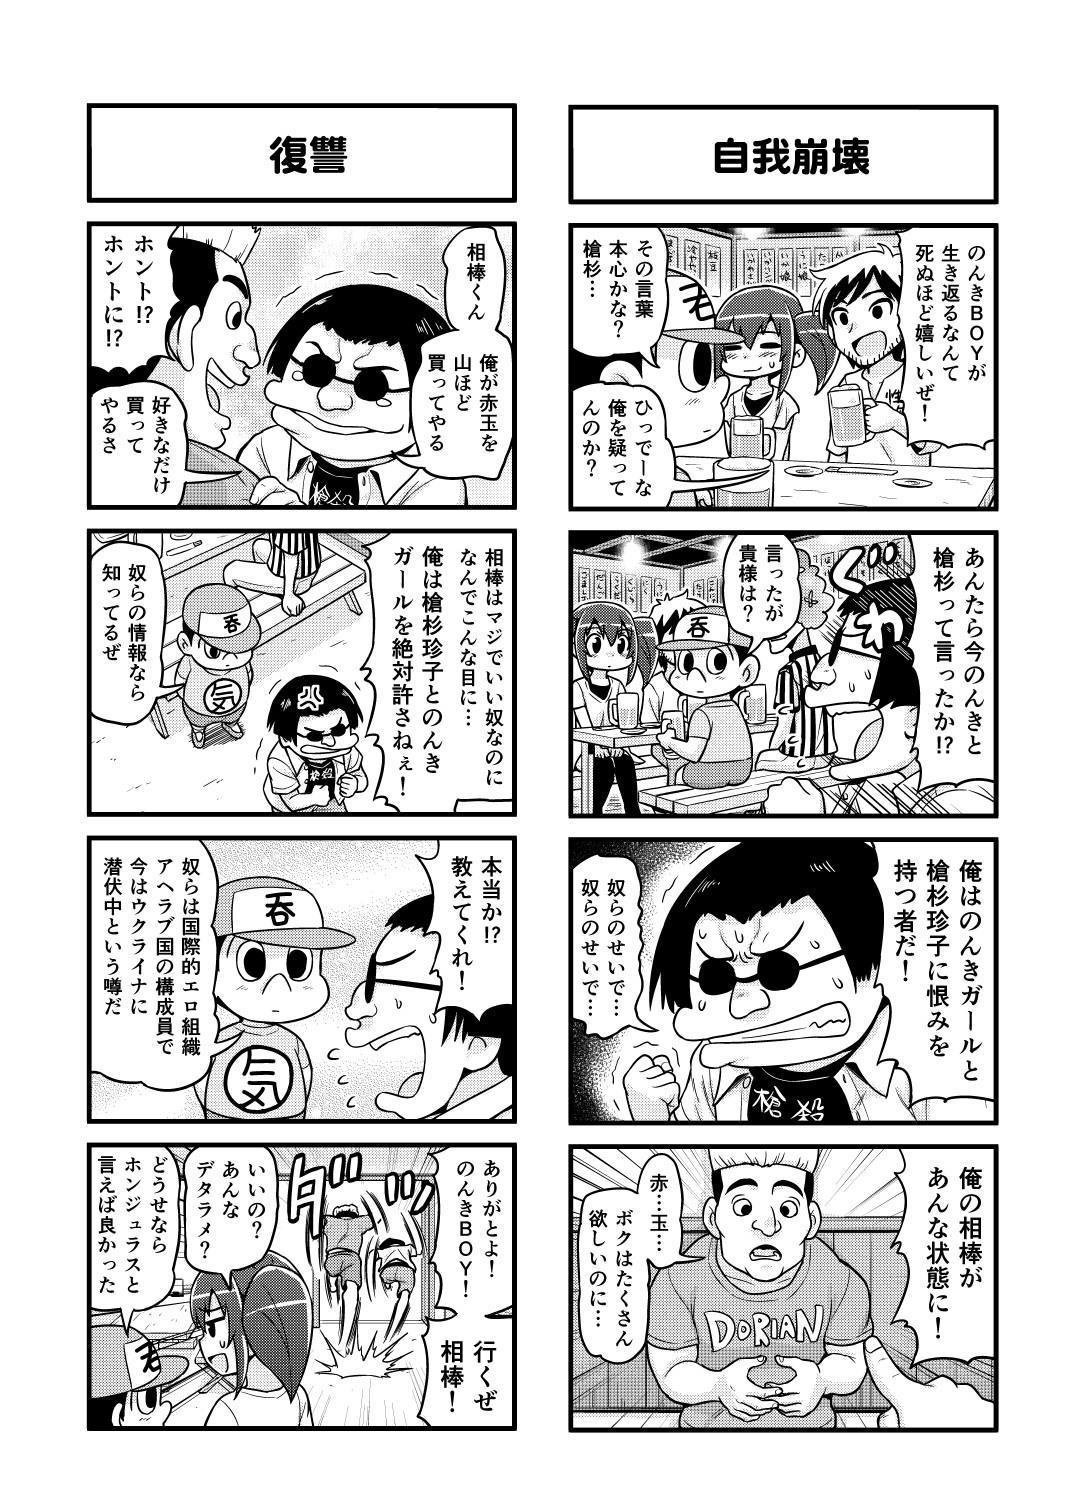 のんきBOY Ch. 1-20 90